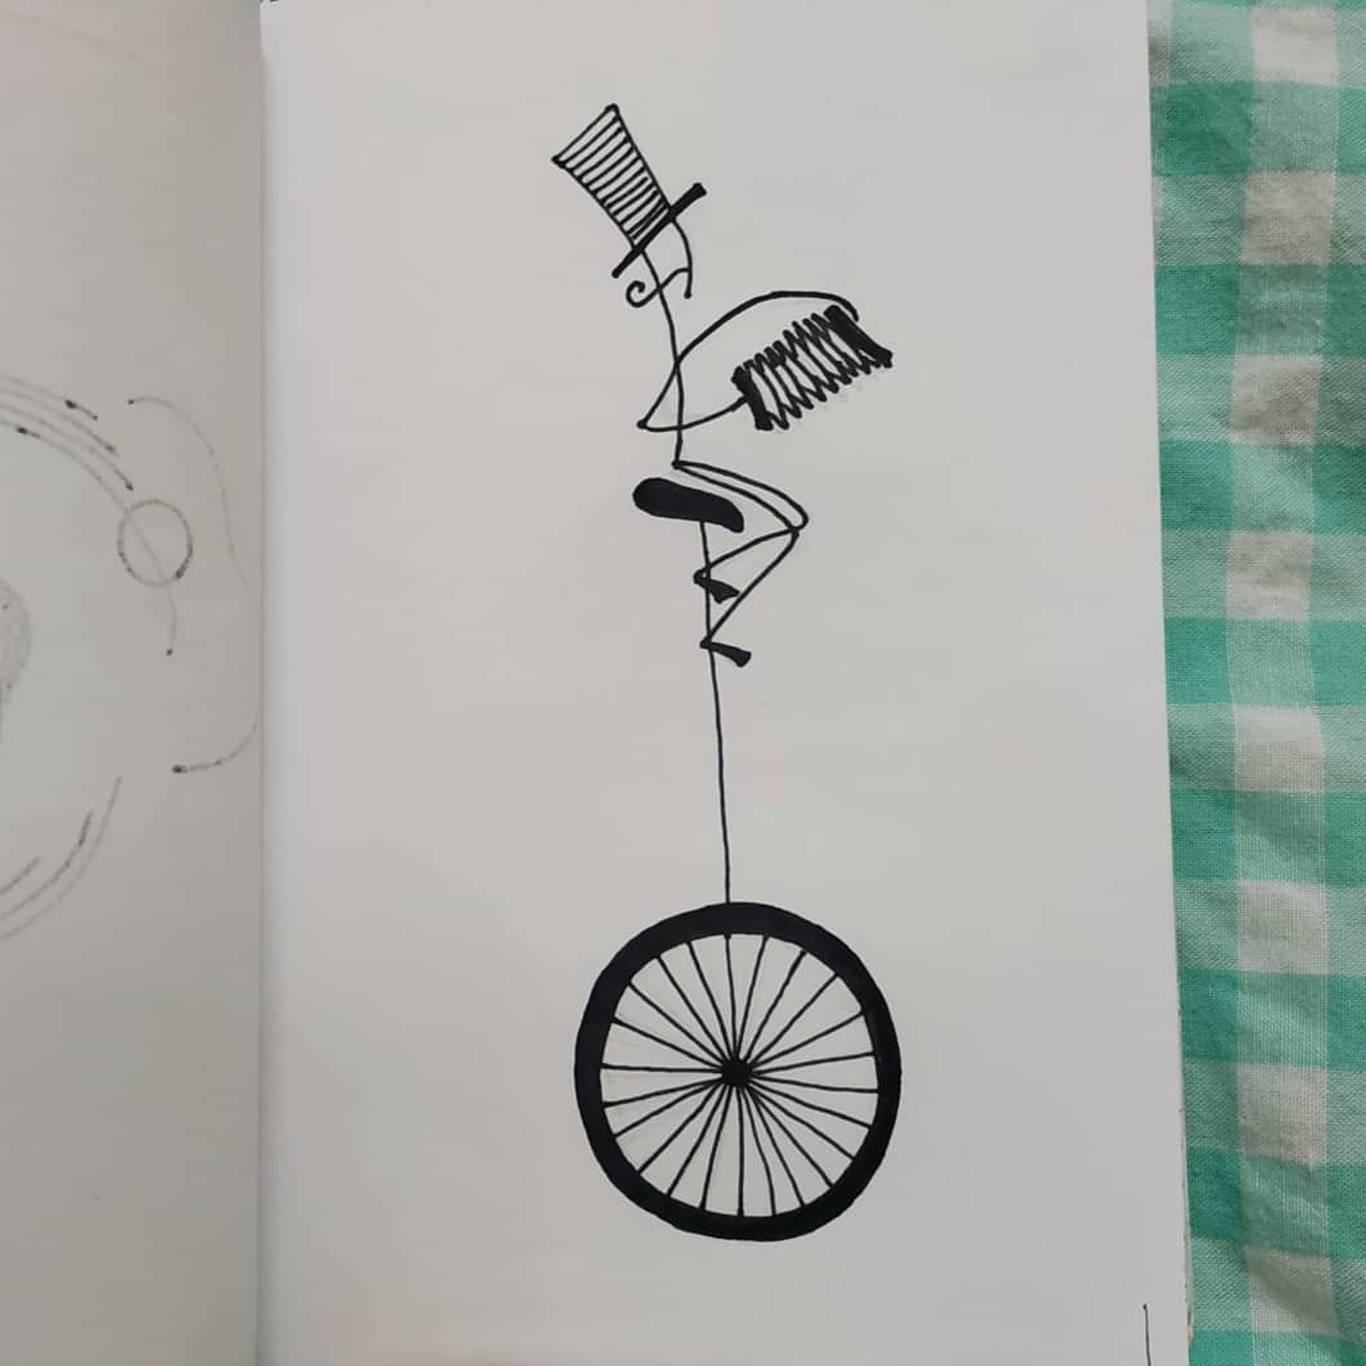 Inktober Inktober Día 28: Ride. Ilustración: Marlene Patricia Posada Villanueva / Magazine AM:PM.